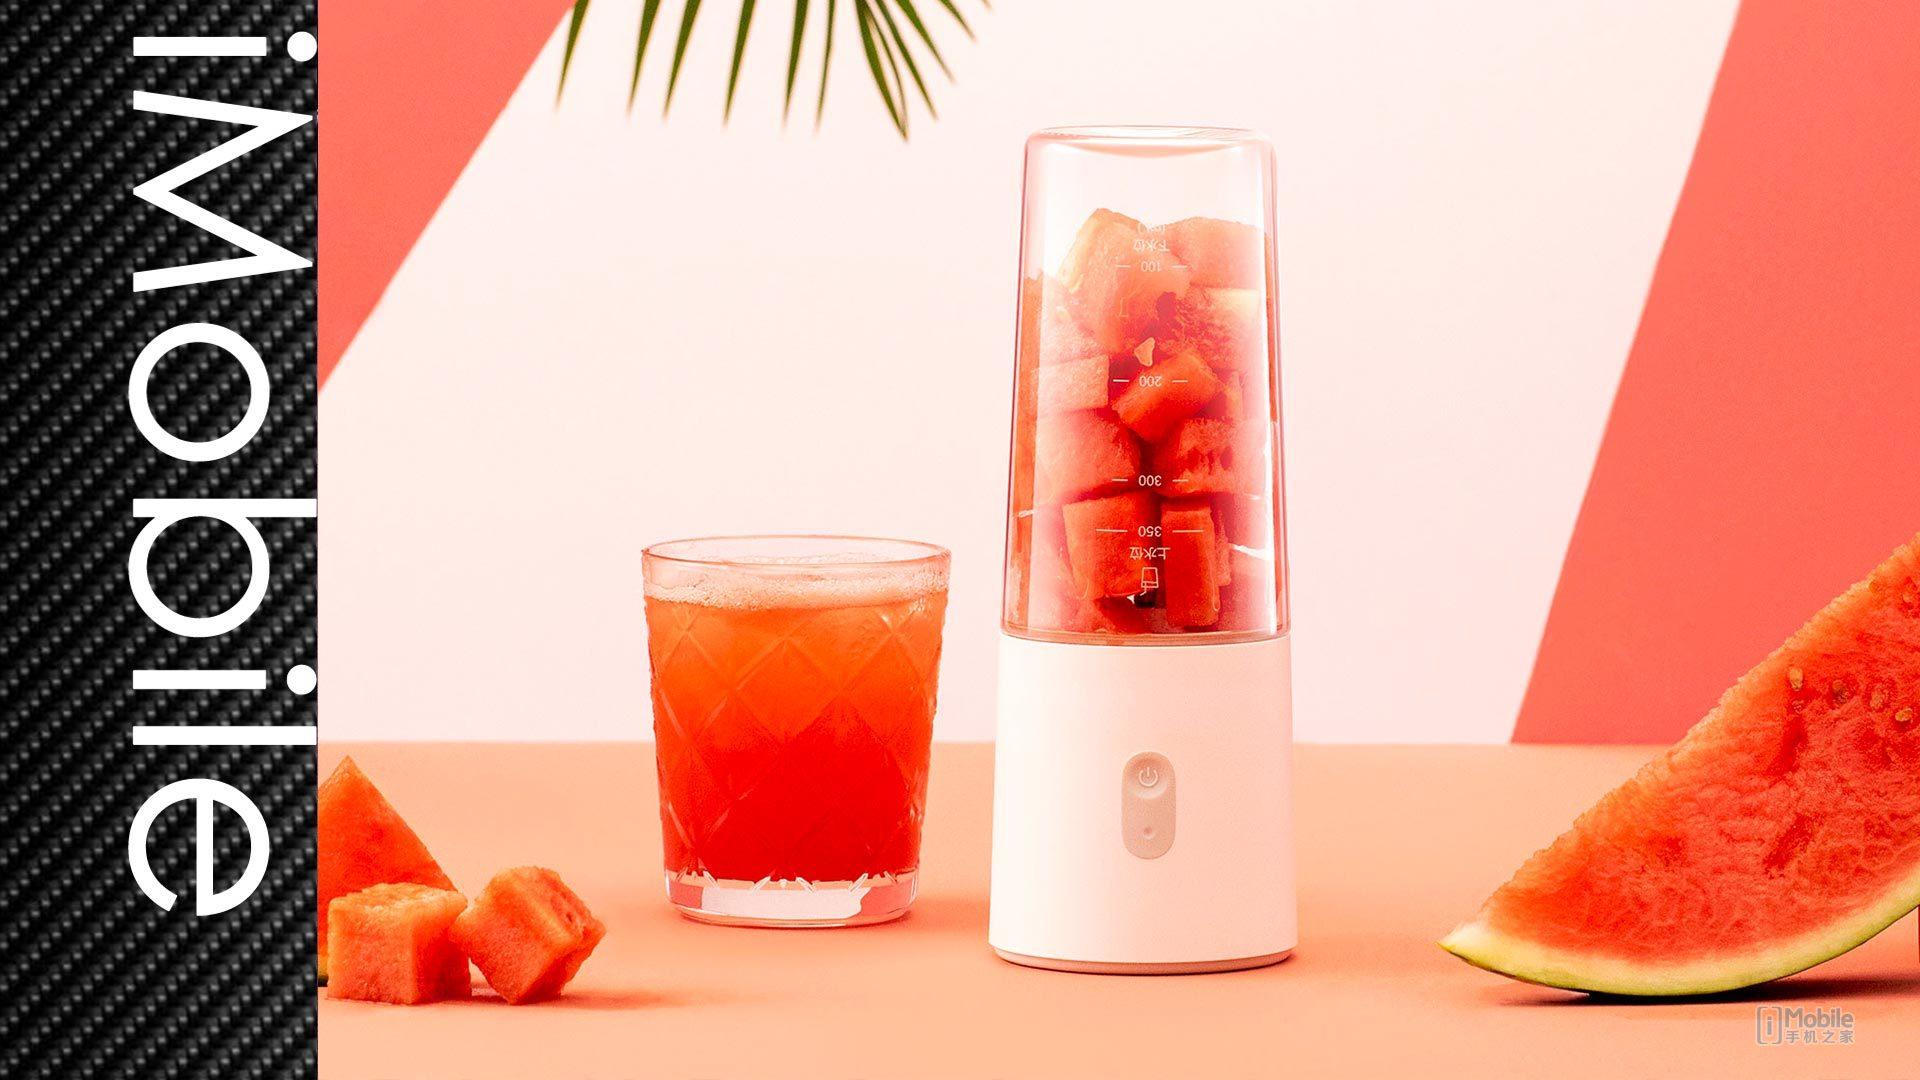 夏天当然要恰新鲜果汁啦!米家便携榨汁机